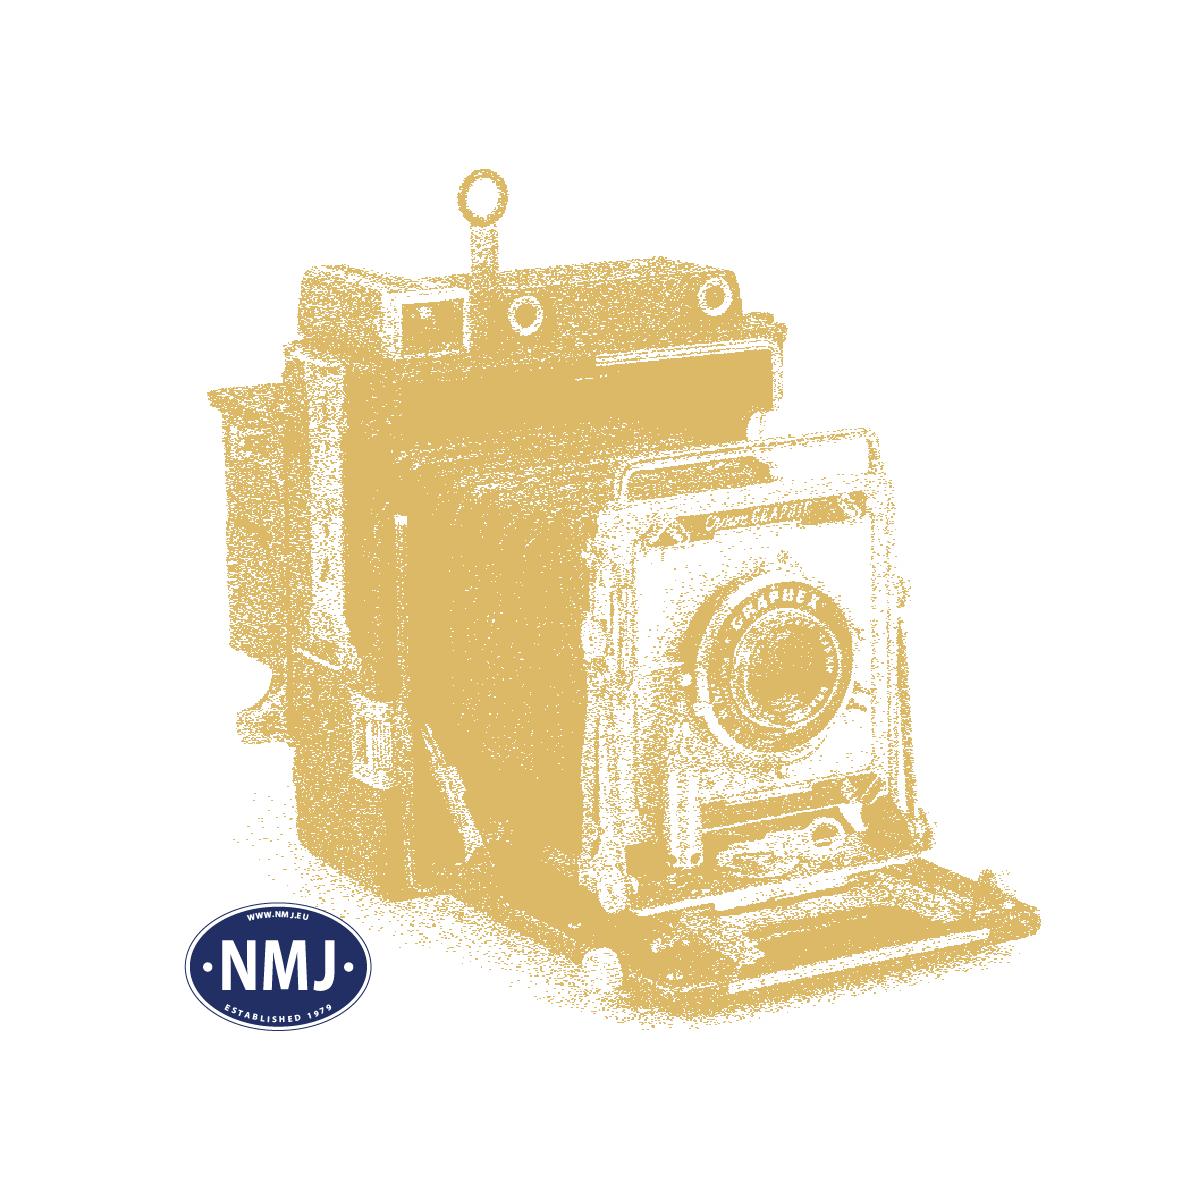 Topline Personvogner, NMJT401.105-MAV Start-CAF-Bomz-61 20-91 101-2-new design-H0, NMJT403.105